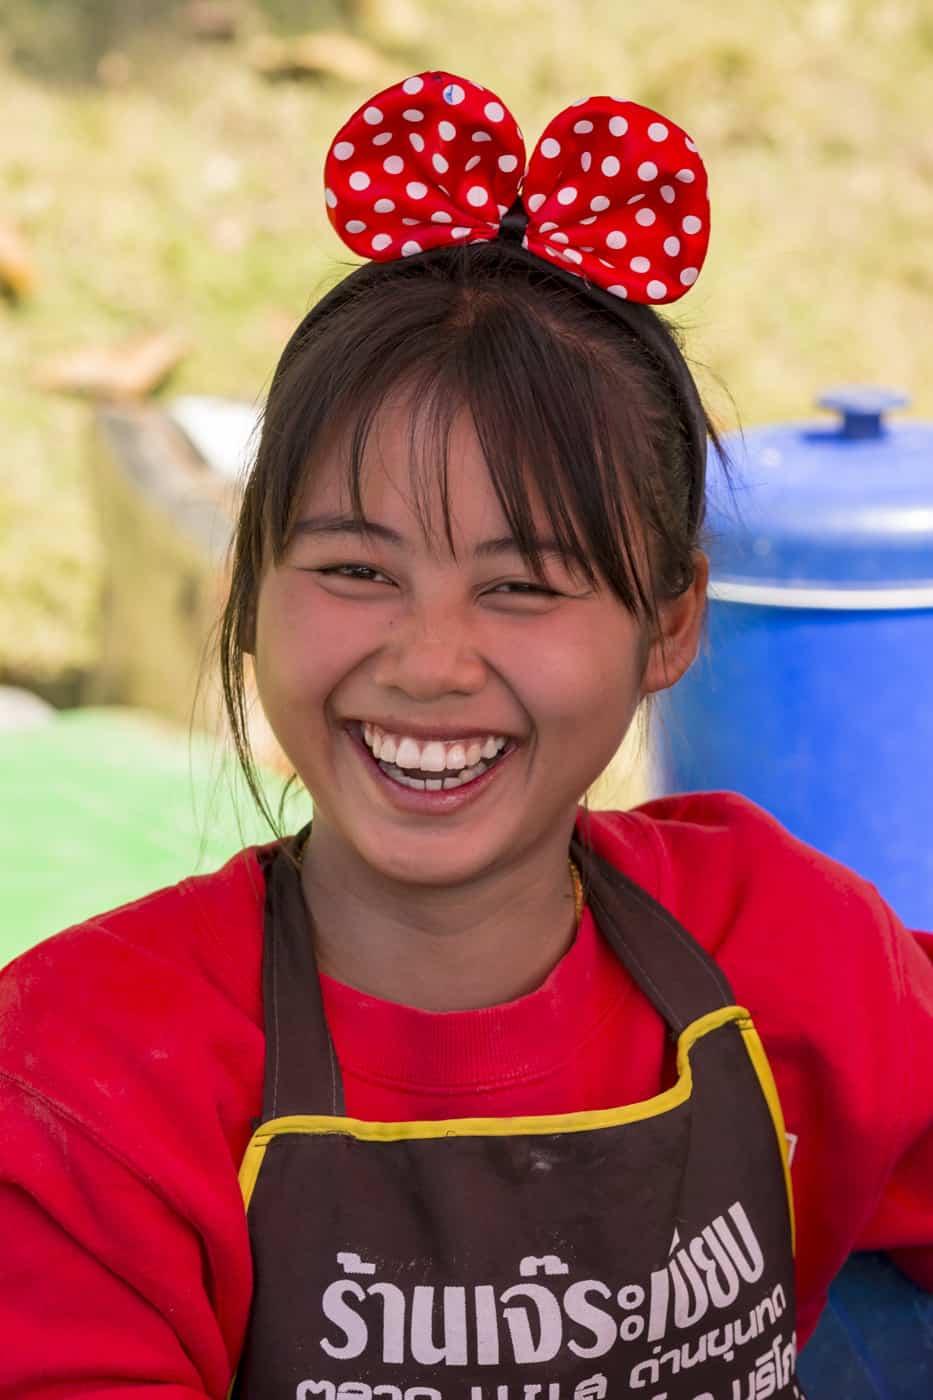 Kindliche Thailänder, junge Frau mit kindlichem Haarschmuck